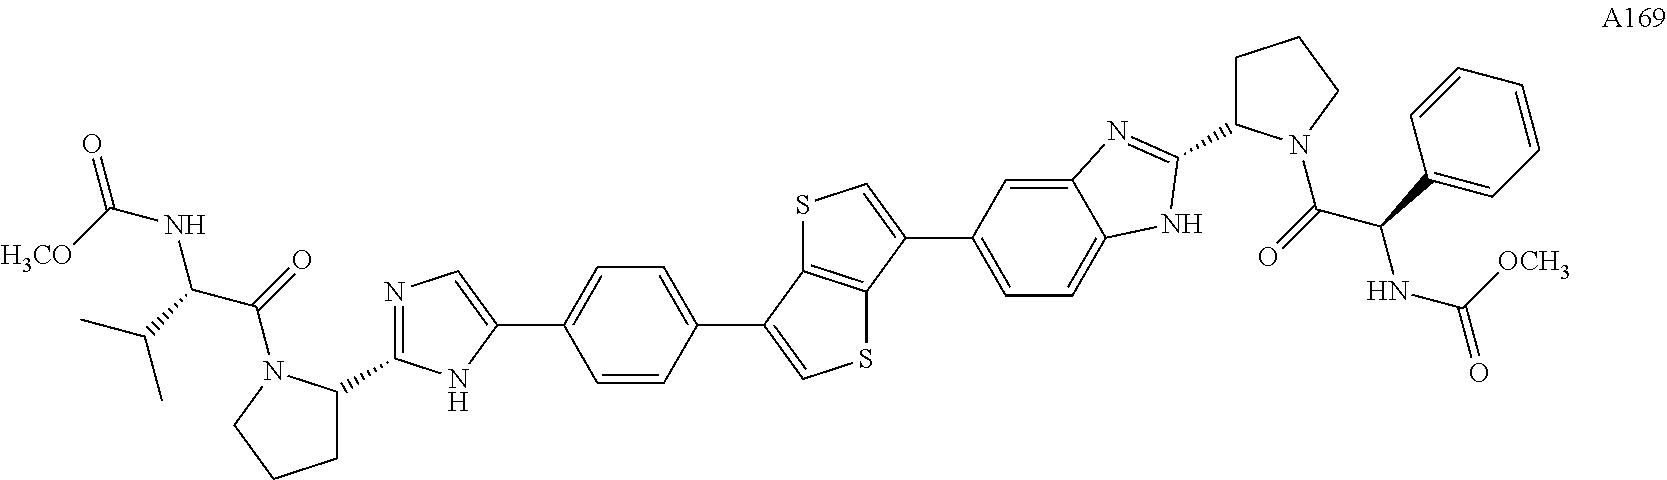 Figure US20120252721A1-20121004-C00516